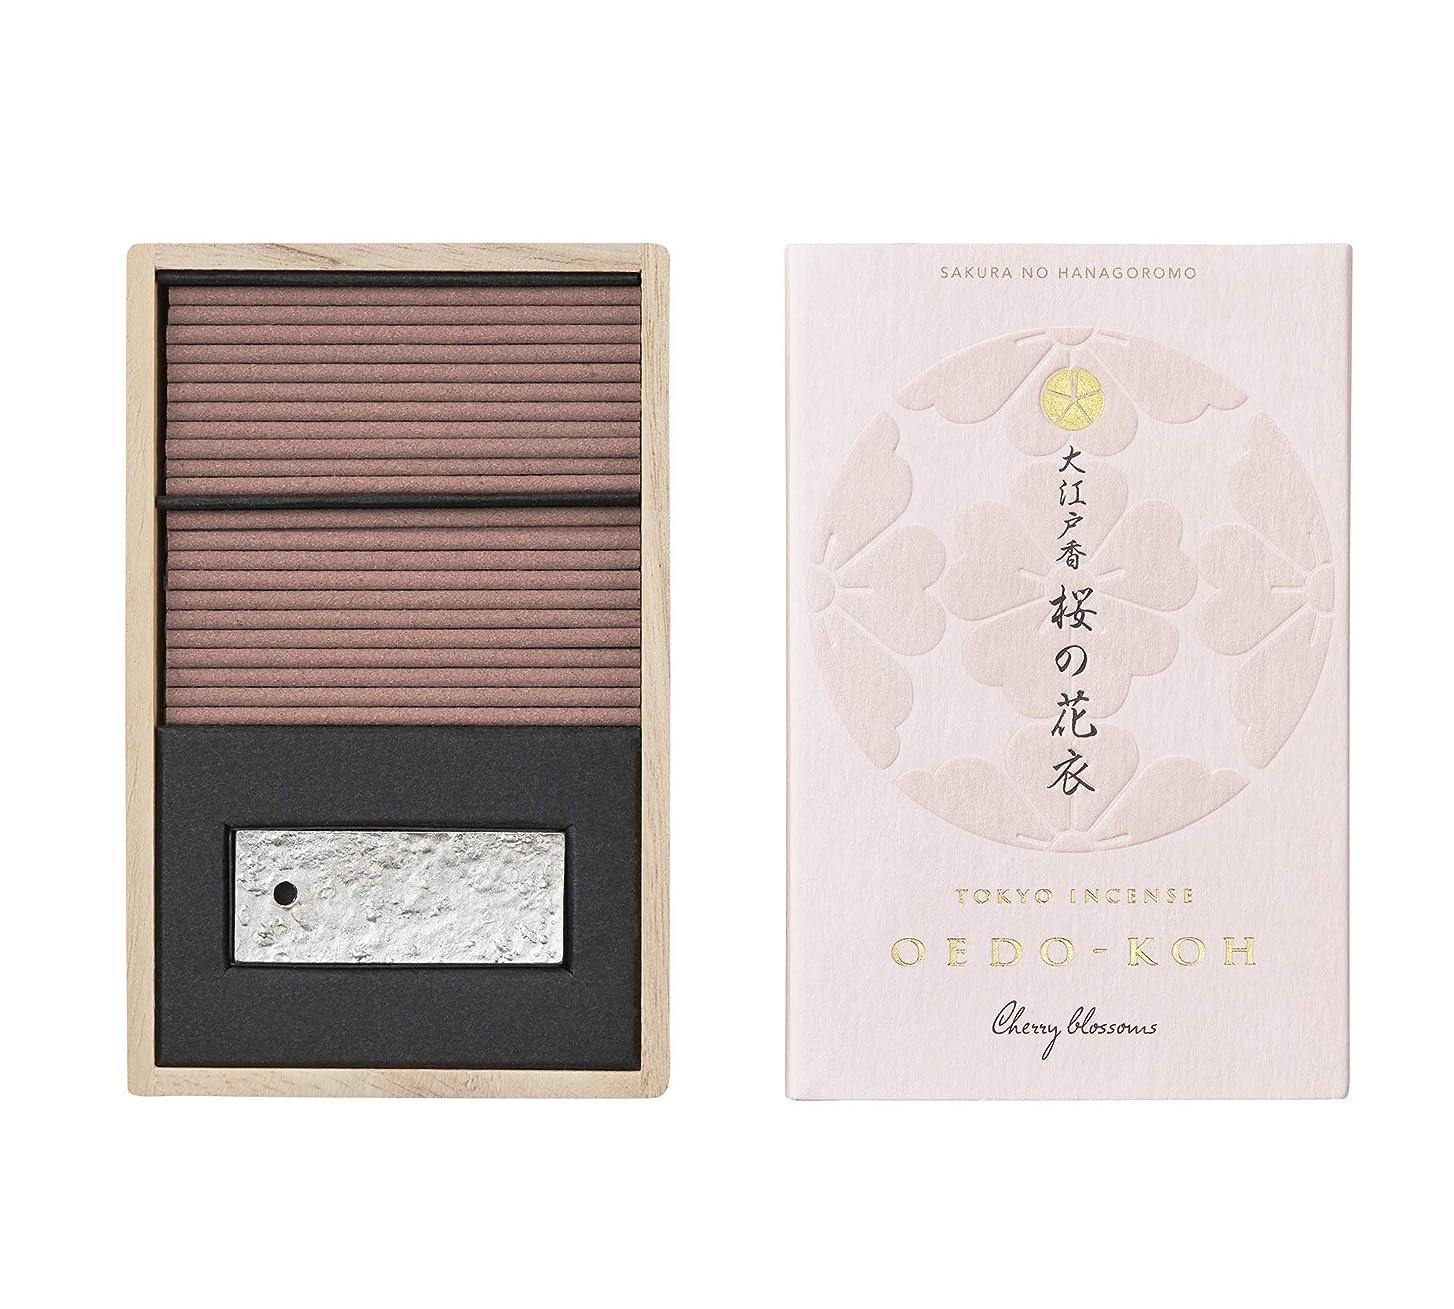 別れるこれらくつろぎ日本香堂 大江戸香 桜の花衣(さくらのはなごろも) スティック60本入 香立付